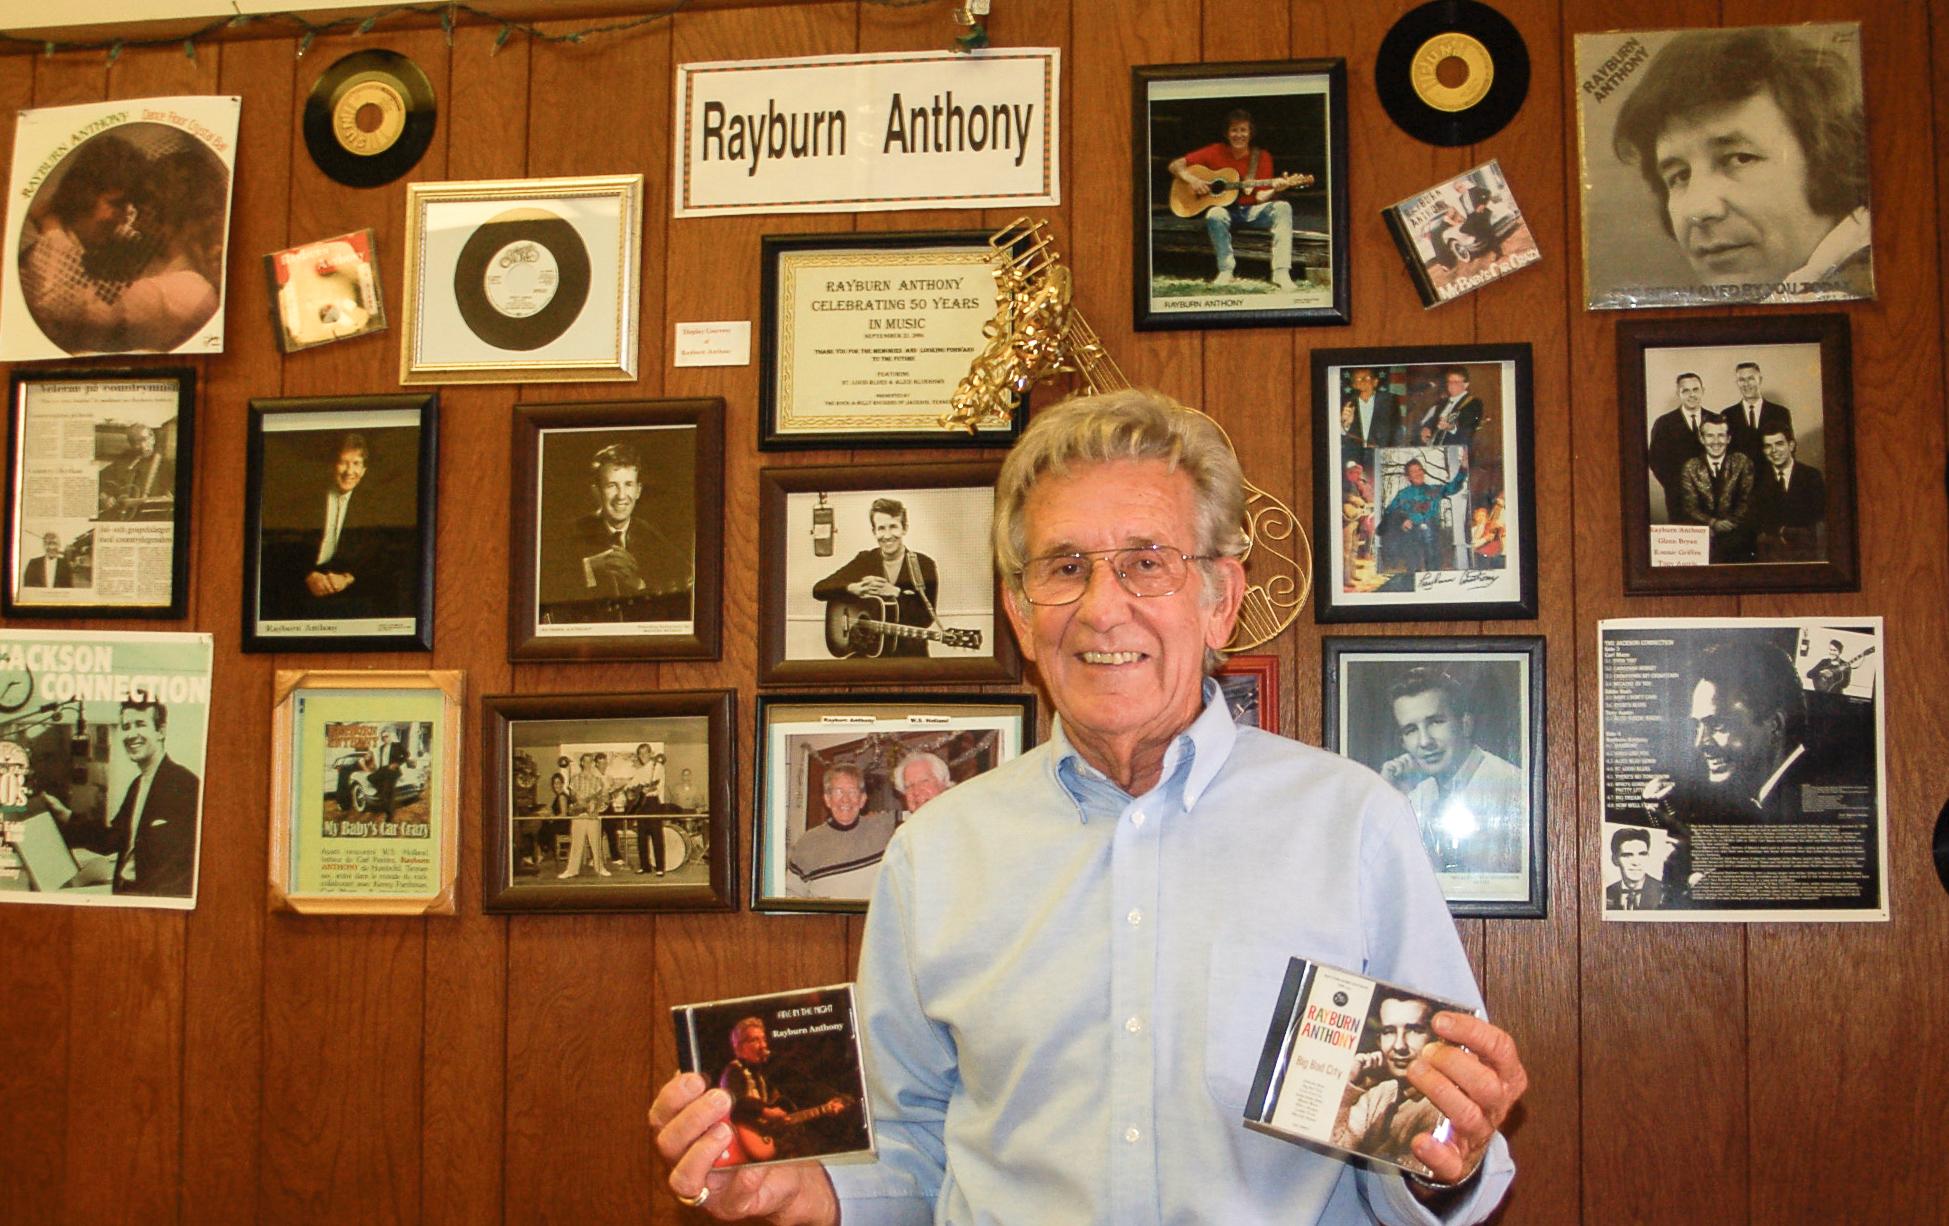 Rayburn Anthony in der Rockabilly Hall of Fame mit Devotioanlien